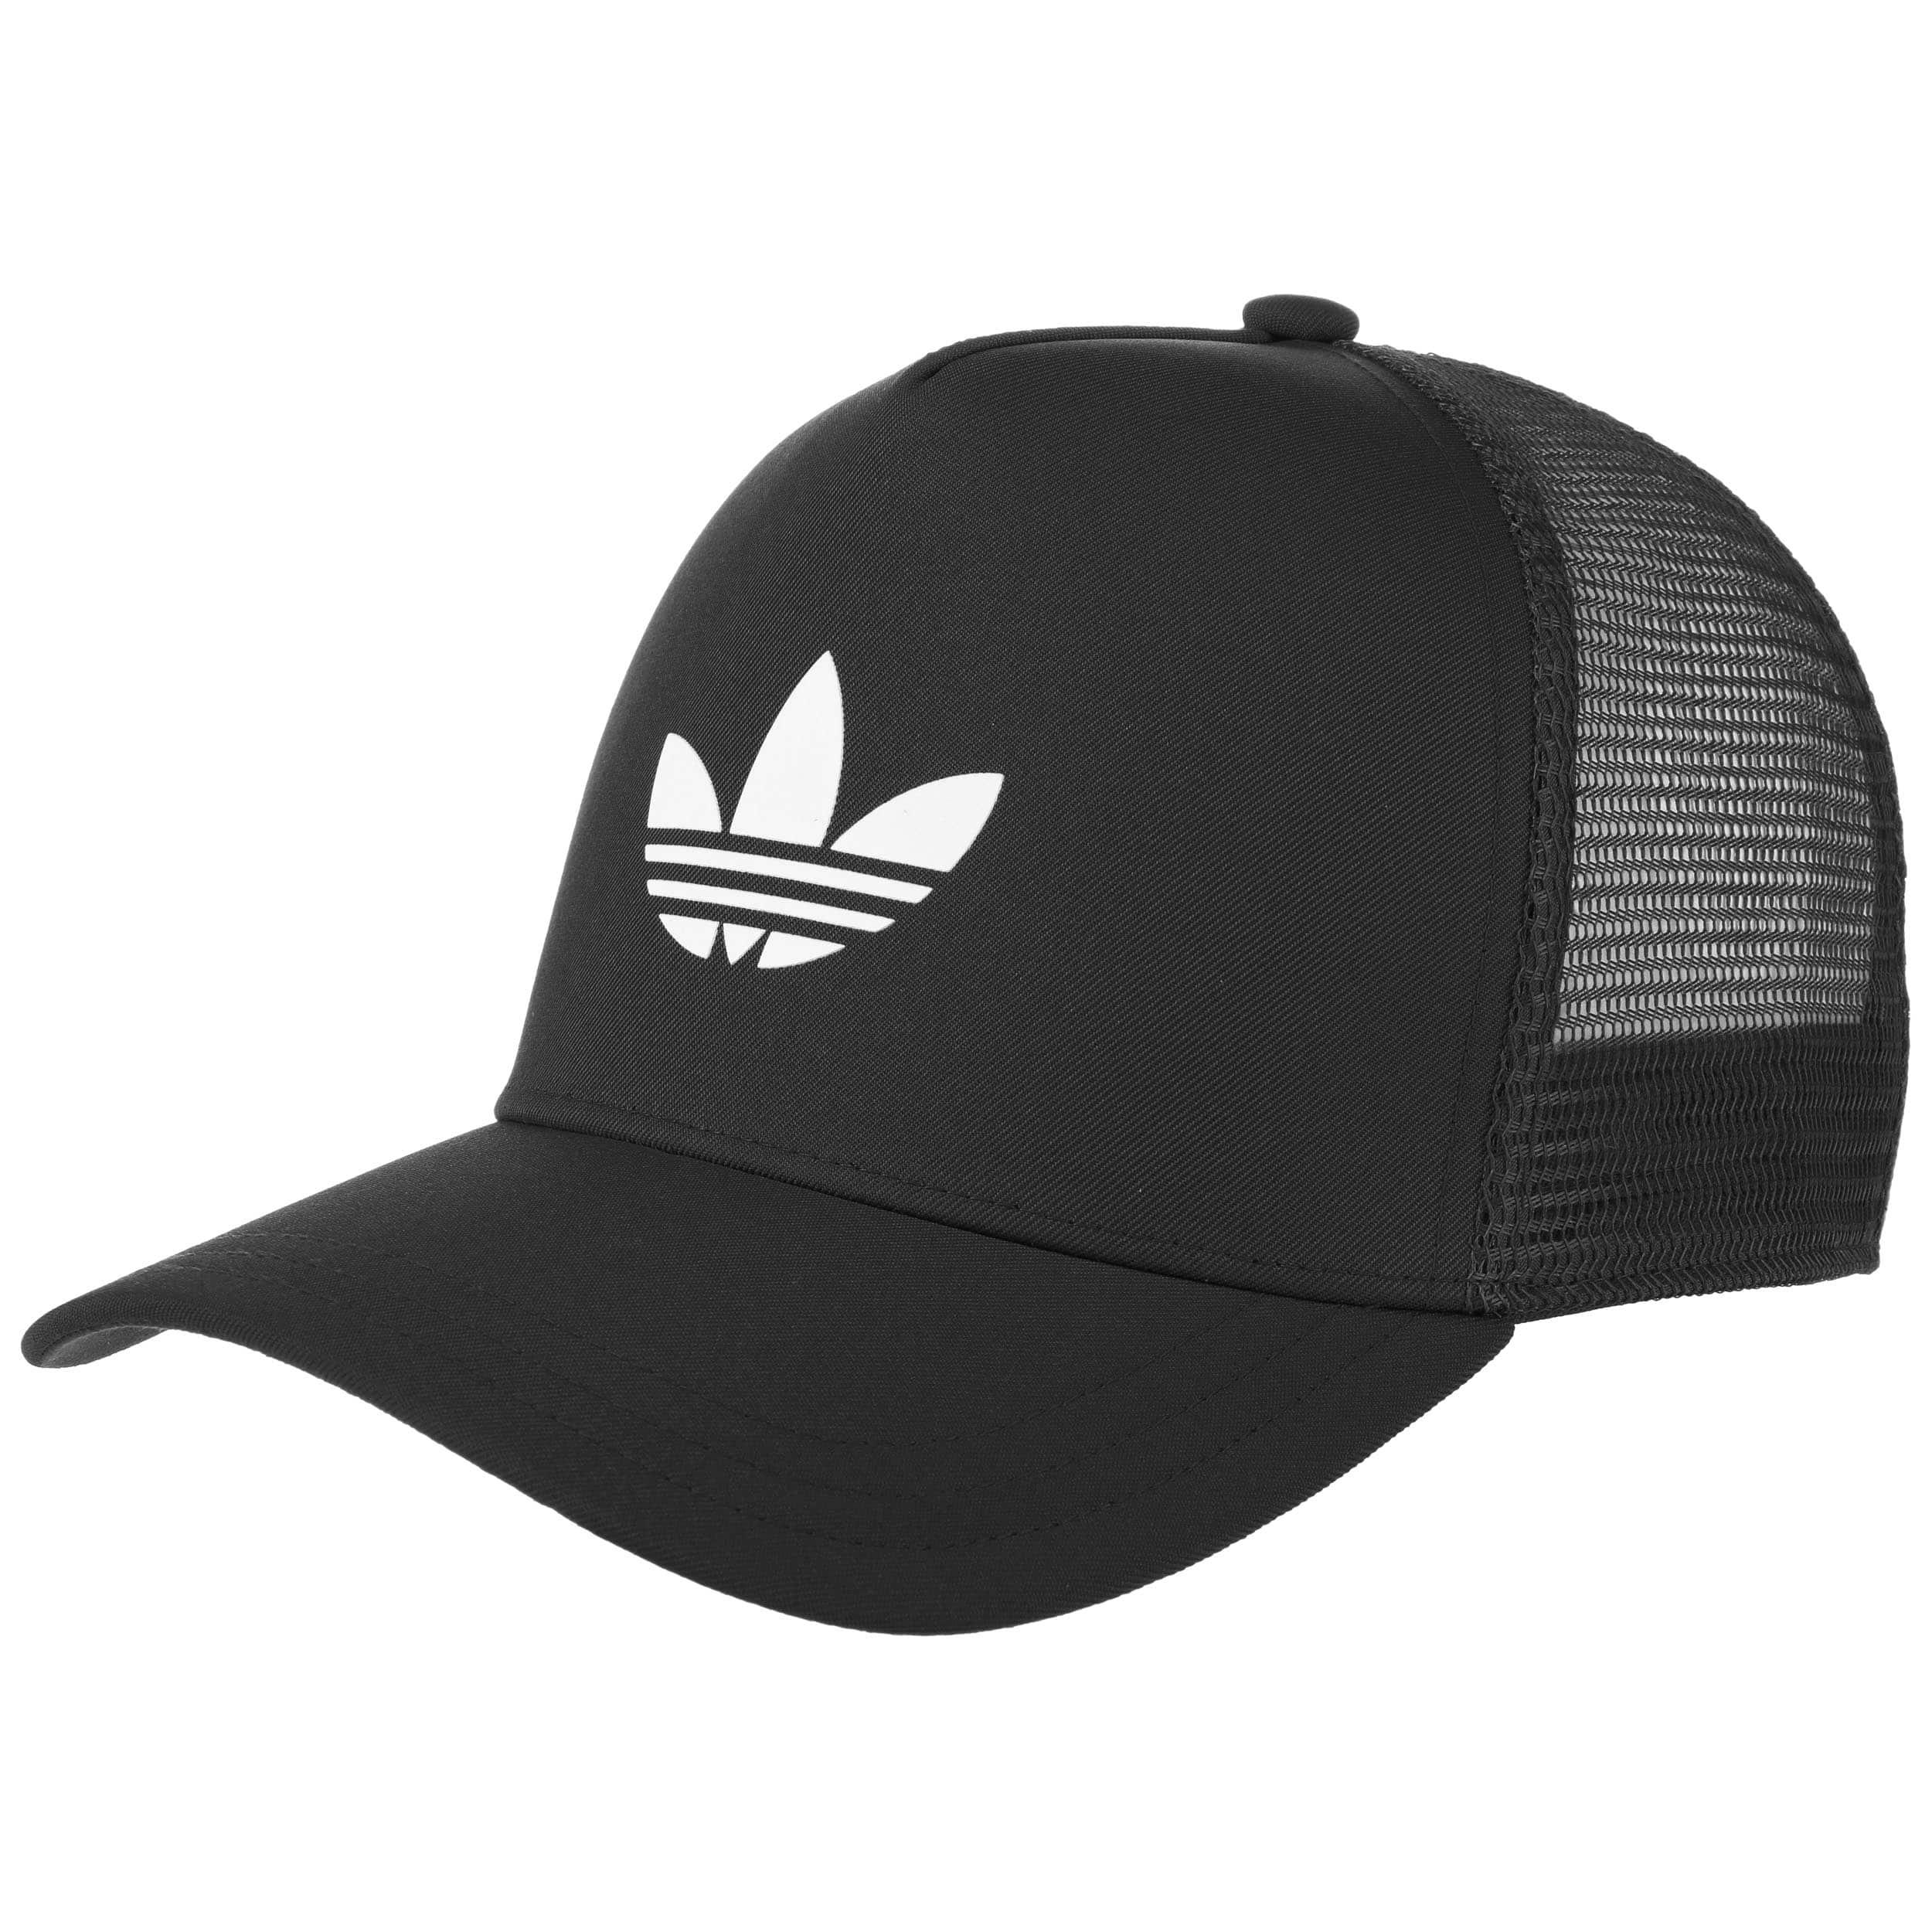 adidas trucker cap schwarz weiß